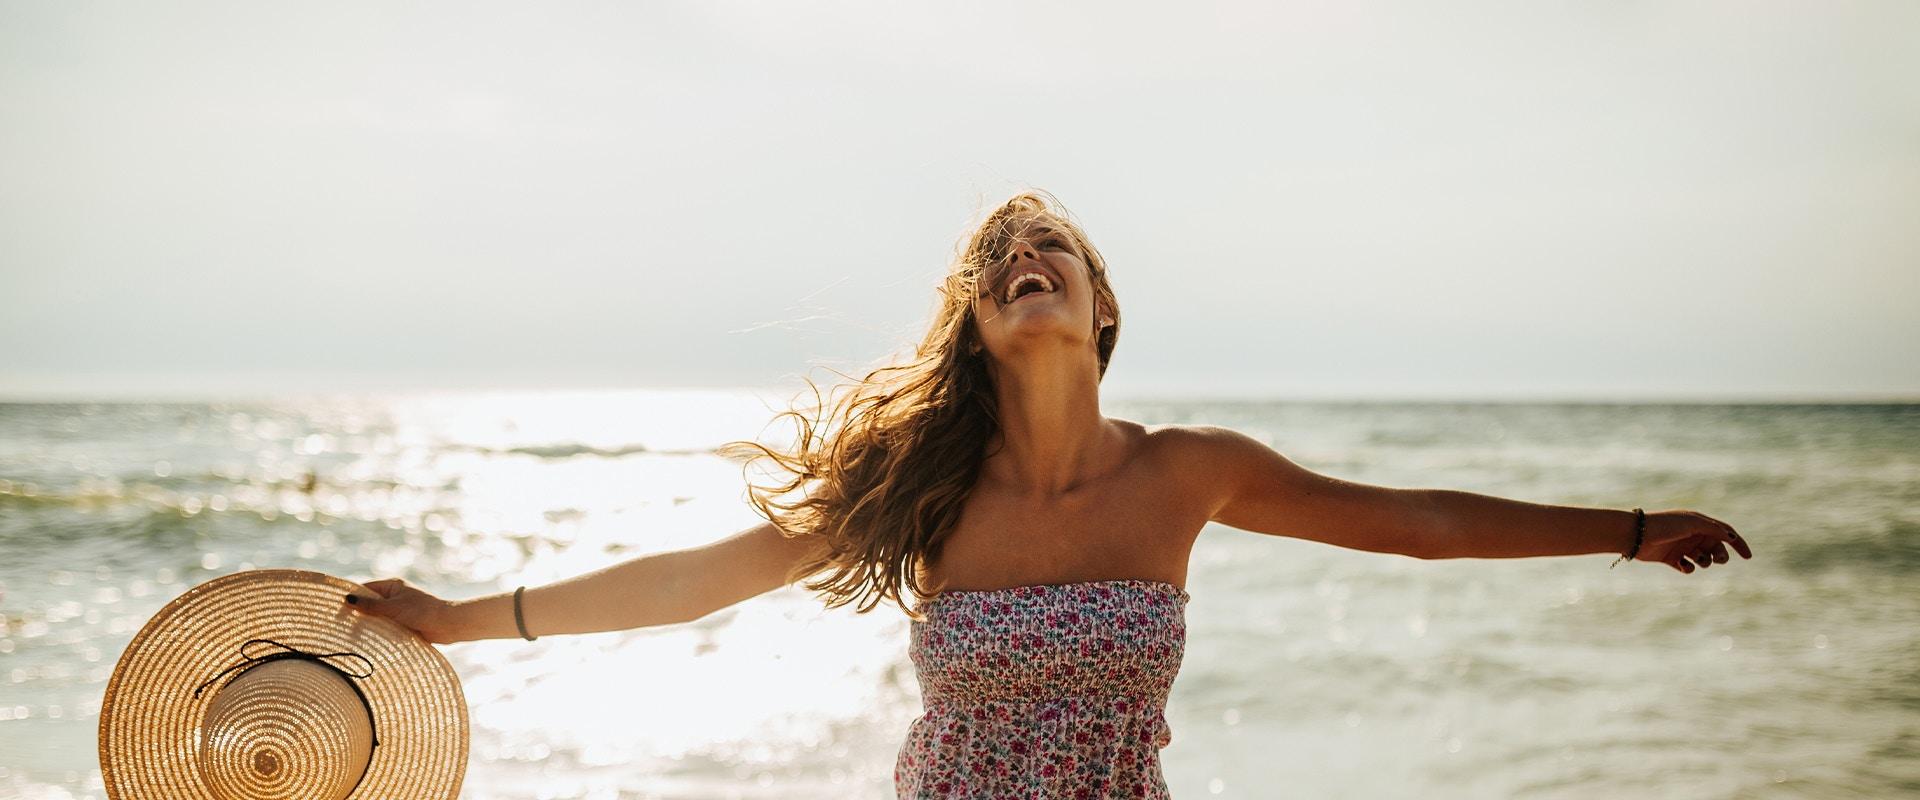 Eine Frau steht am Strand und lacht.